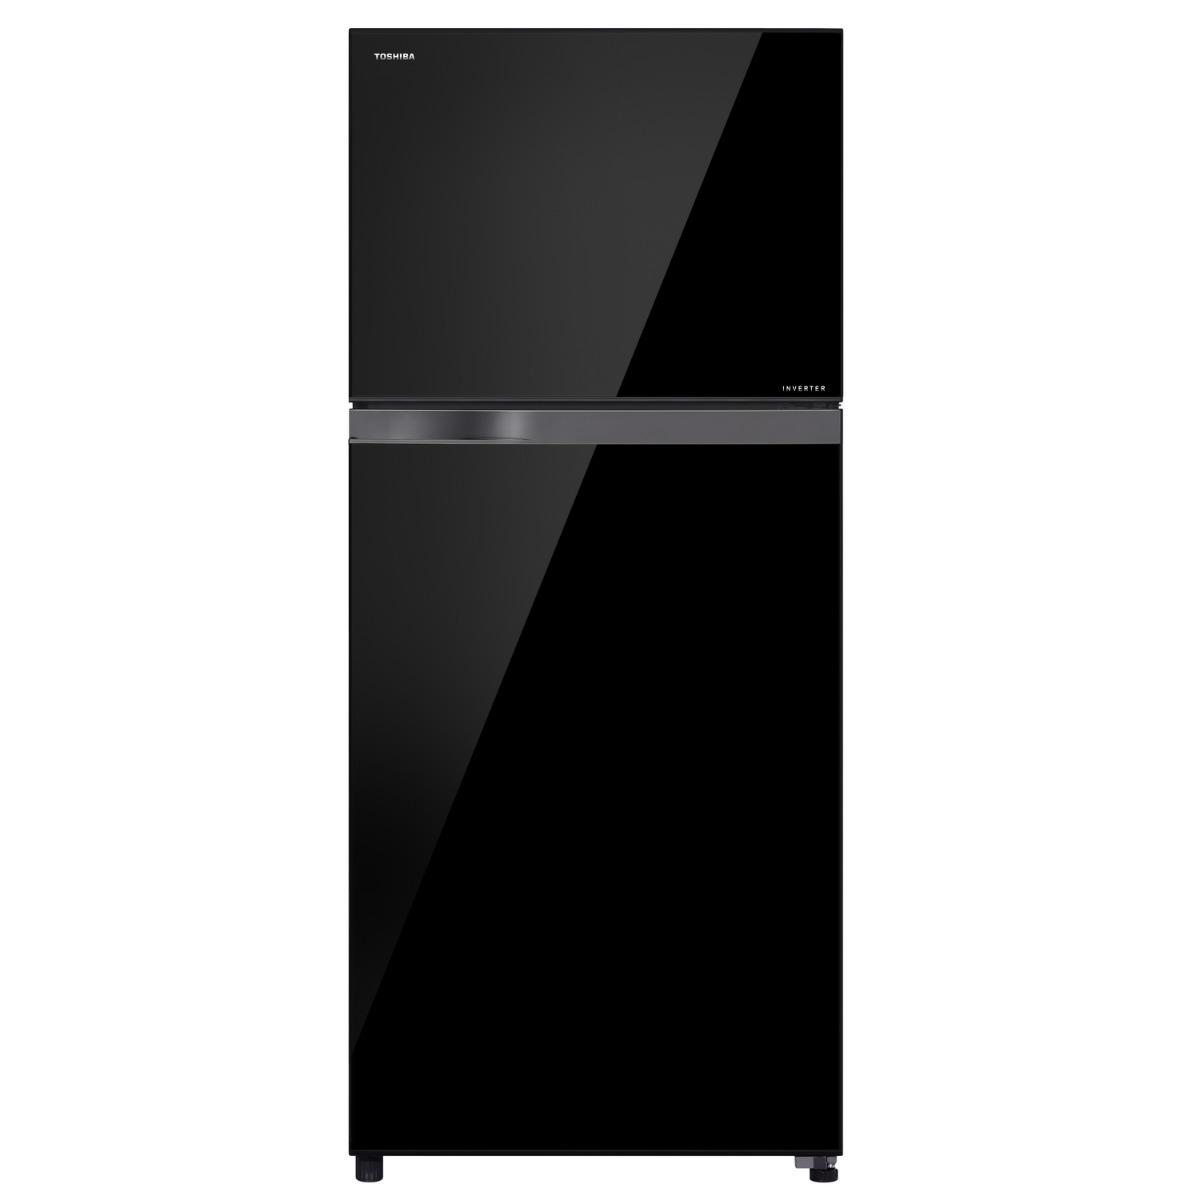 ตู้เย็น 2 ประตู (14.6 คิว) รุ่น GR-AG46KDZ(XK)